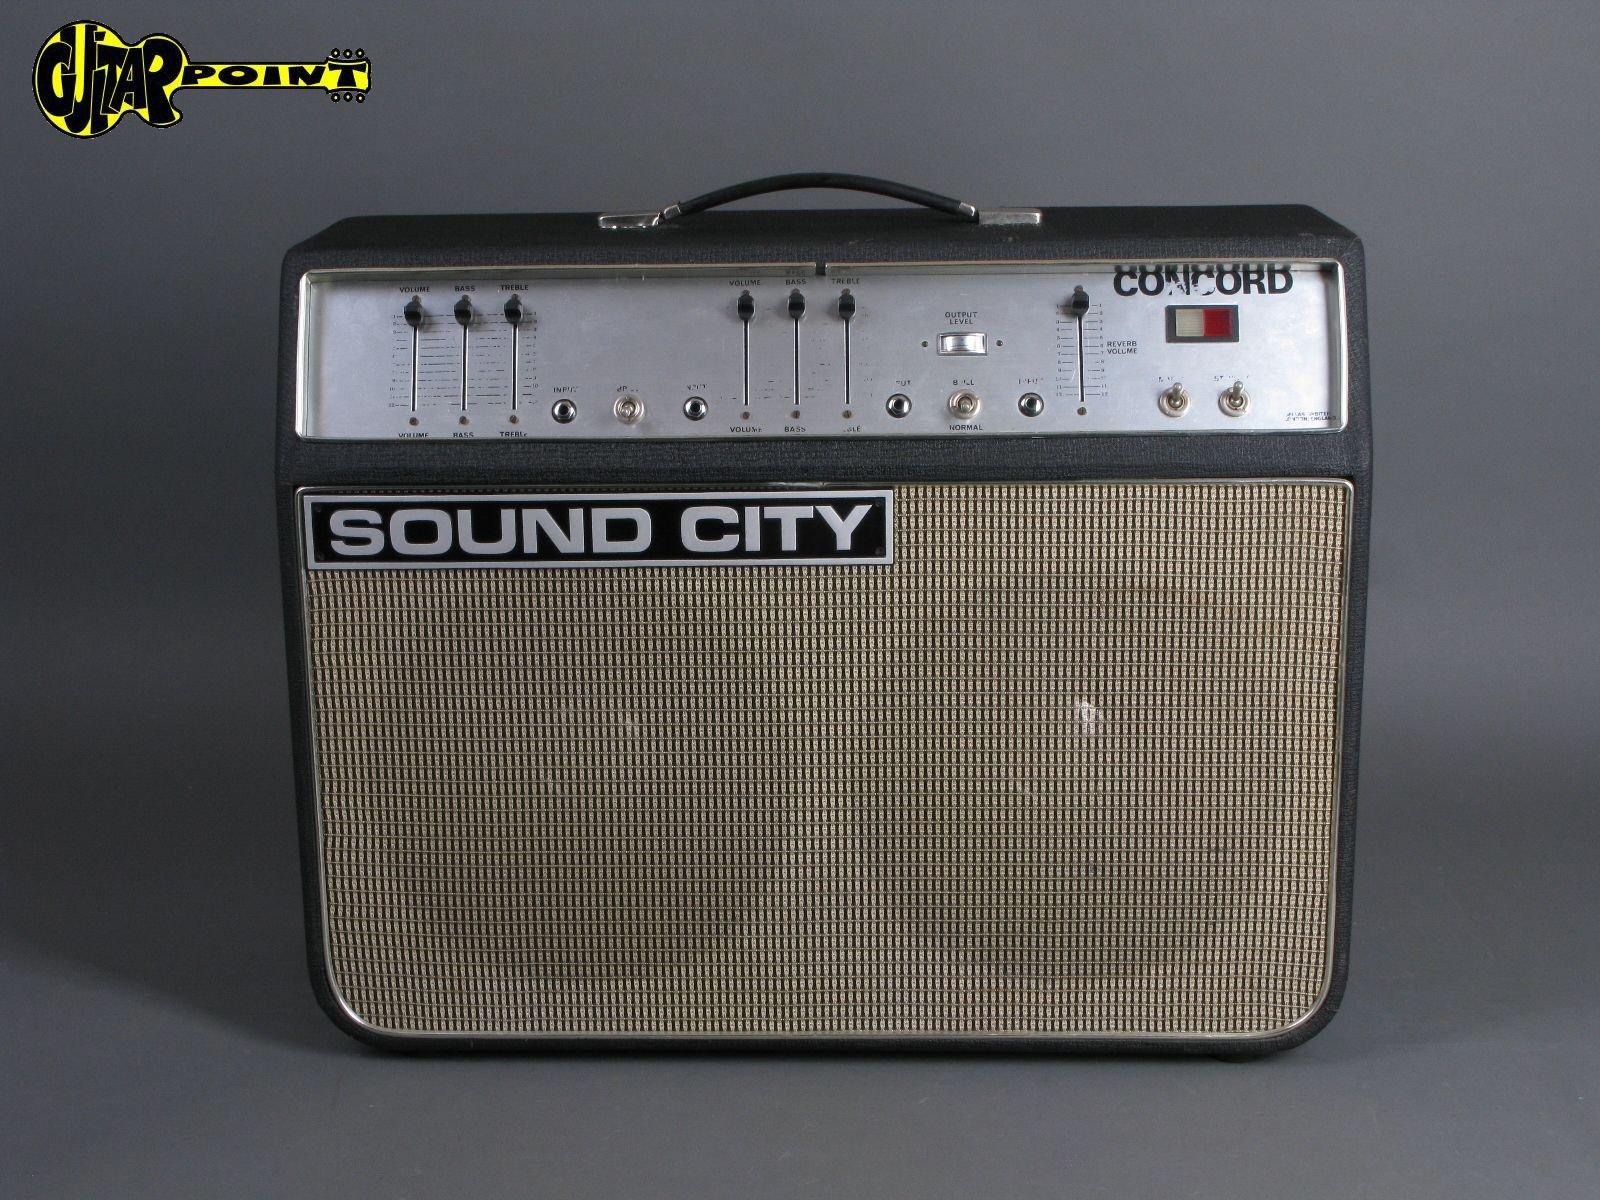 1971 Sound City Concord MK4 - Dallas Arbiter